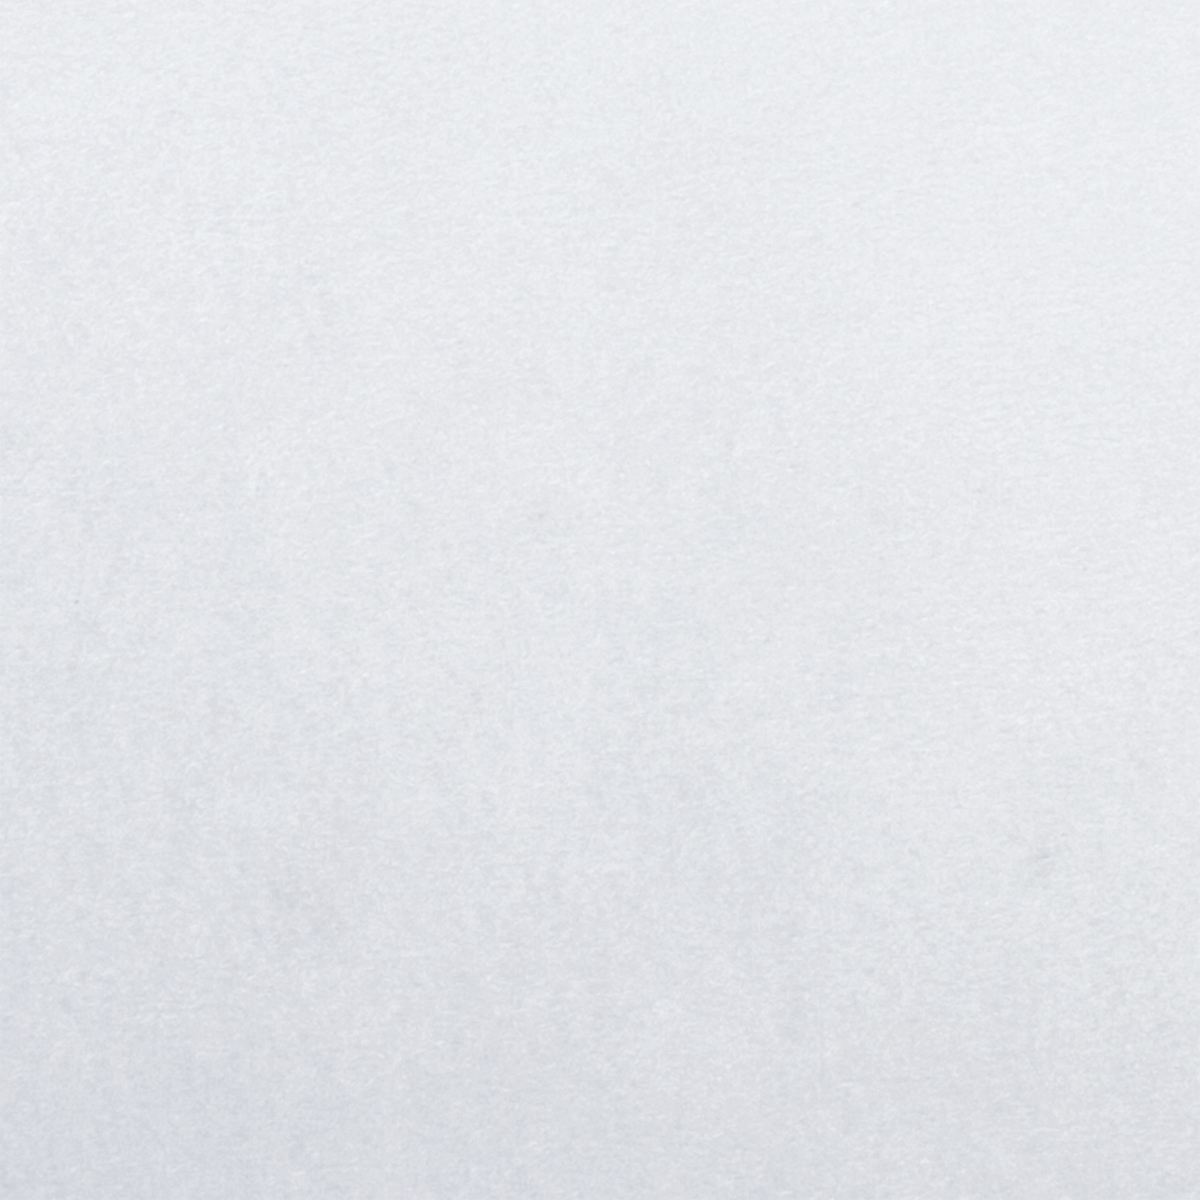 Салфетки Лайма, универсальные, цвет: белый, 25 х 30 см, 30 шт601Салфетки Лайма в рулоне предназначены для протирки различных поверхностей. Могут использоваться как в сухом, так и во влажном виде. Обладают хорошей впитываемостью за счет высокого содержания вискозы.